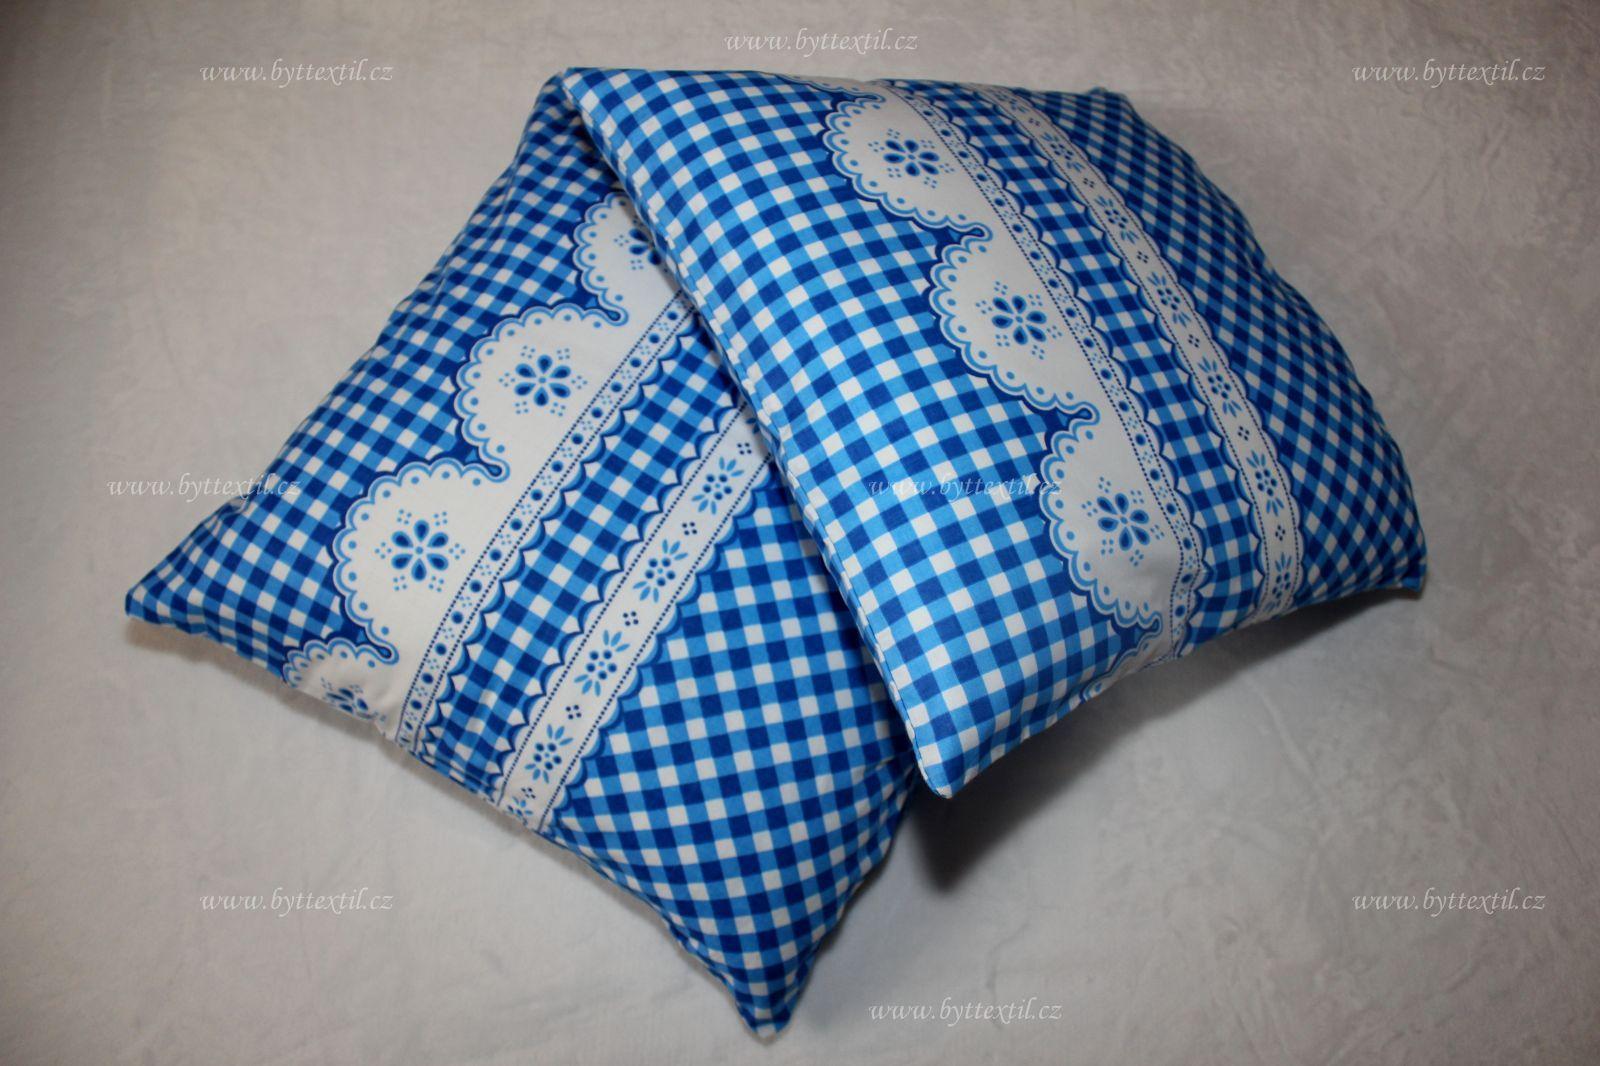 Bavlněný povlak Kanafas kostička modrá český výrobce